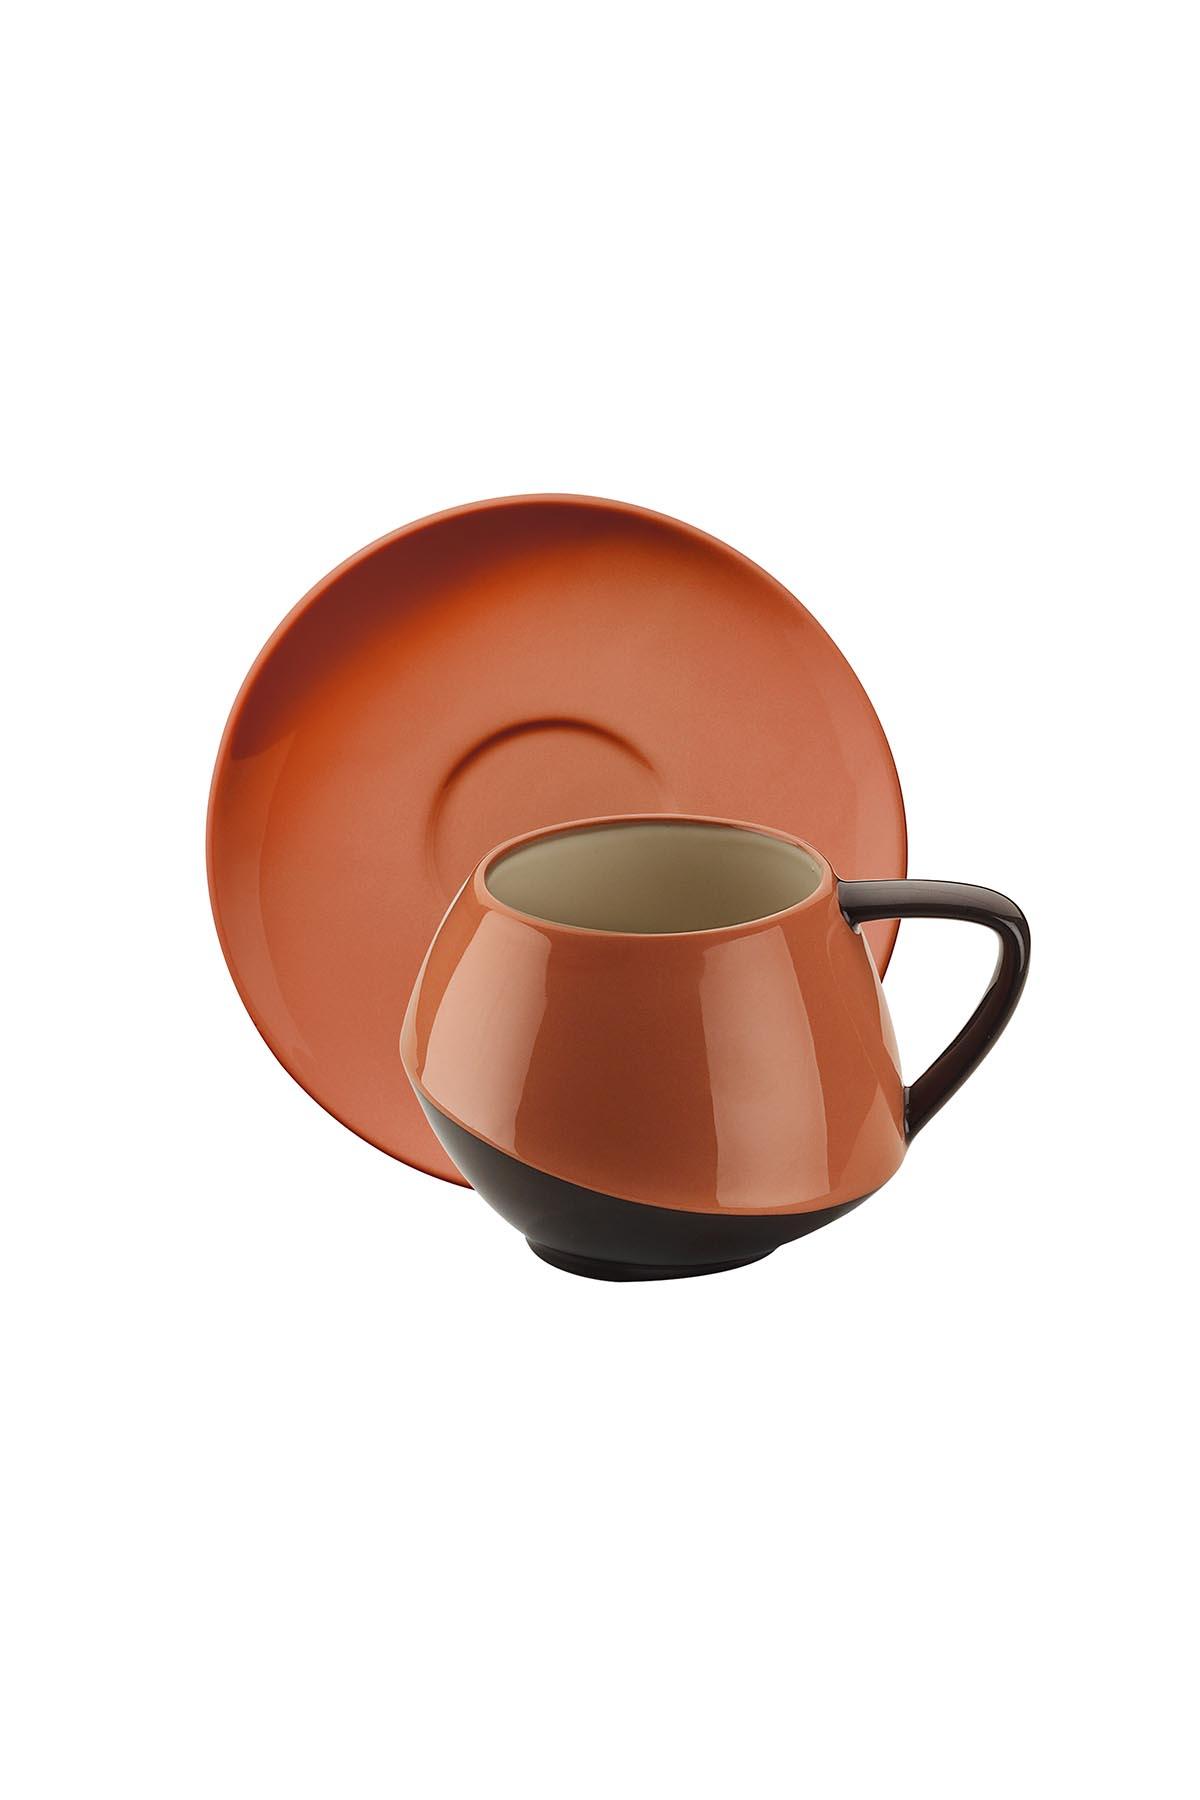 Aura Çay Takımı Siyah-Krem-Bej-Kırmızı